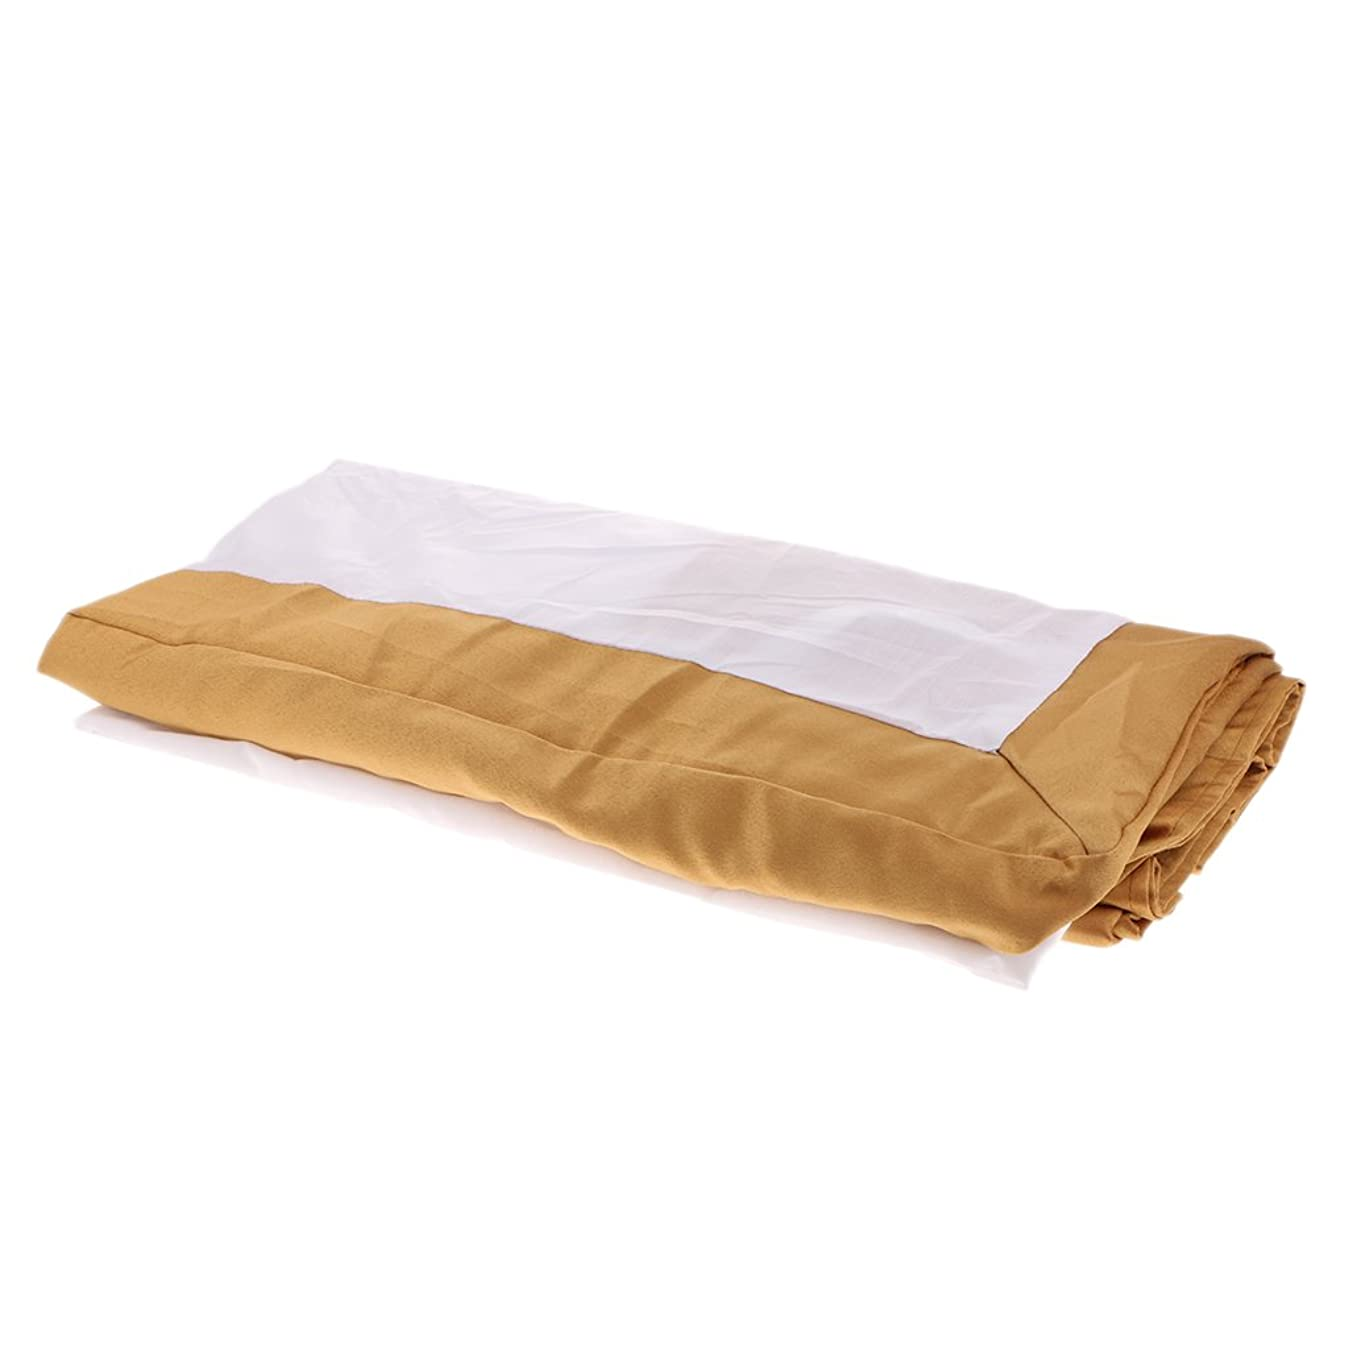 確かに大混乱リテラシーSunniMix ポリエステル製 ベッドスカート ベッドエプロン ディープフリル 柔らかい 快適 美しい 全3サイズ - 180x200 + 25cm